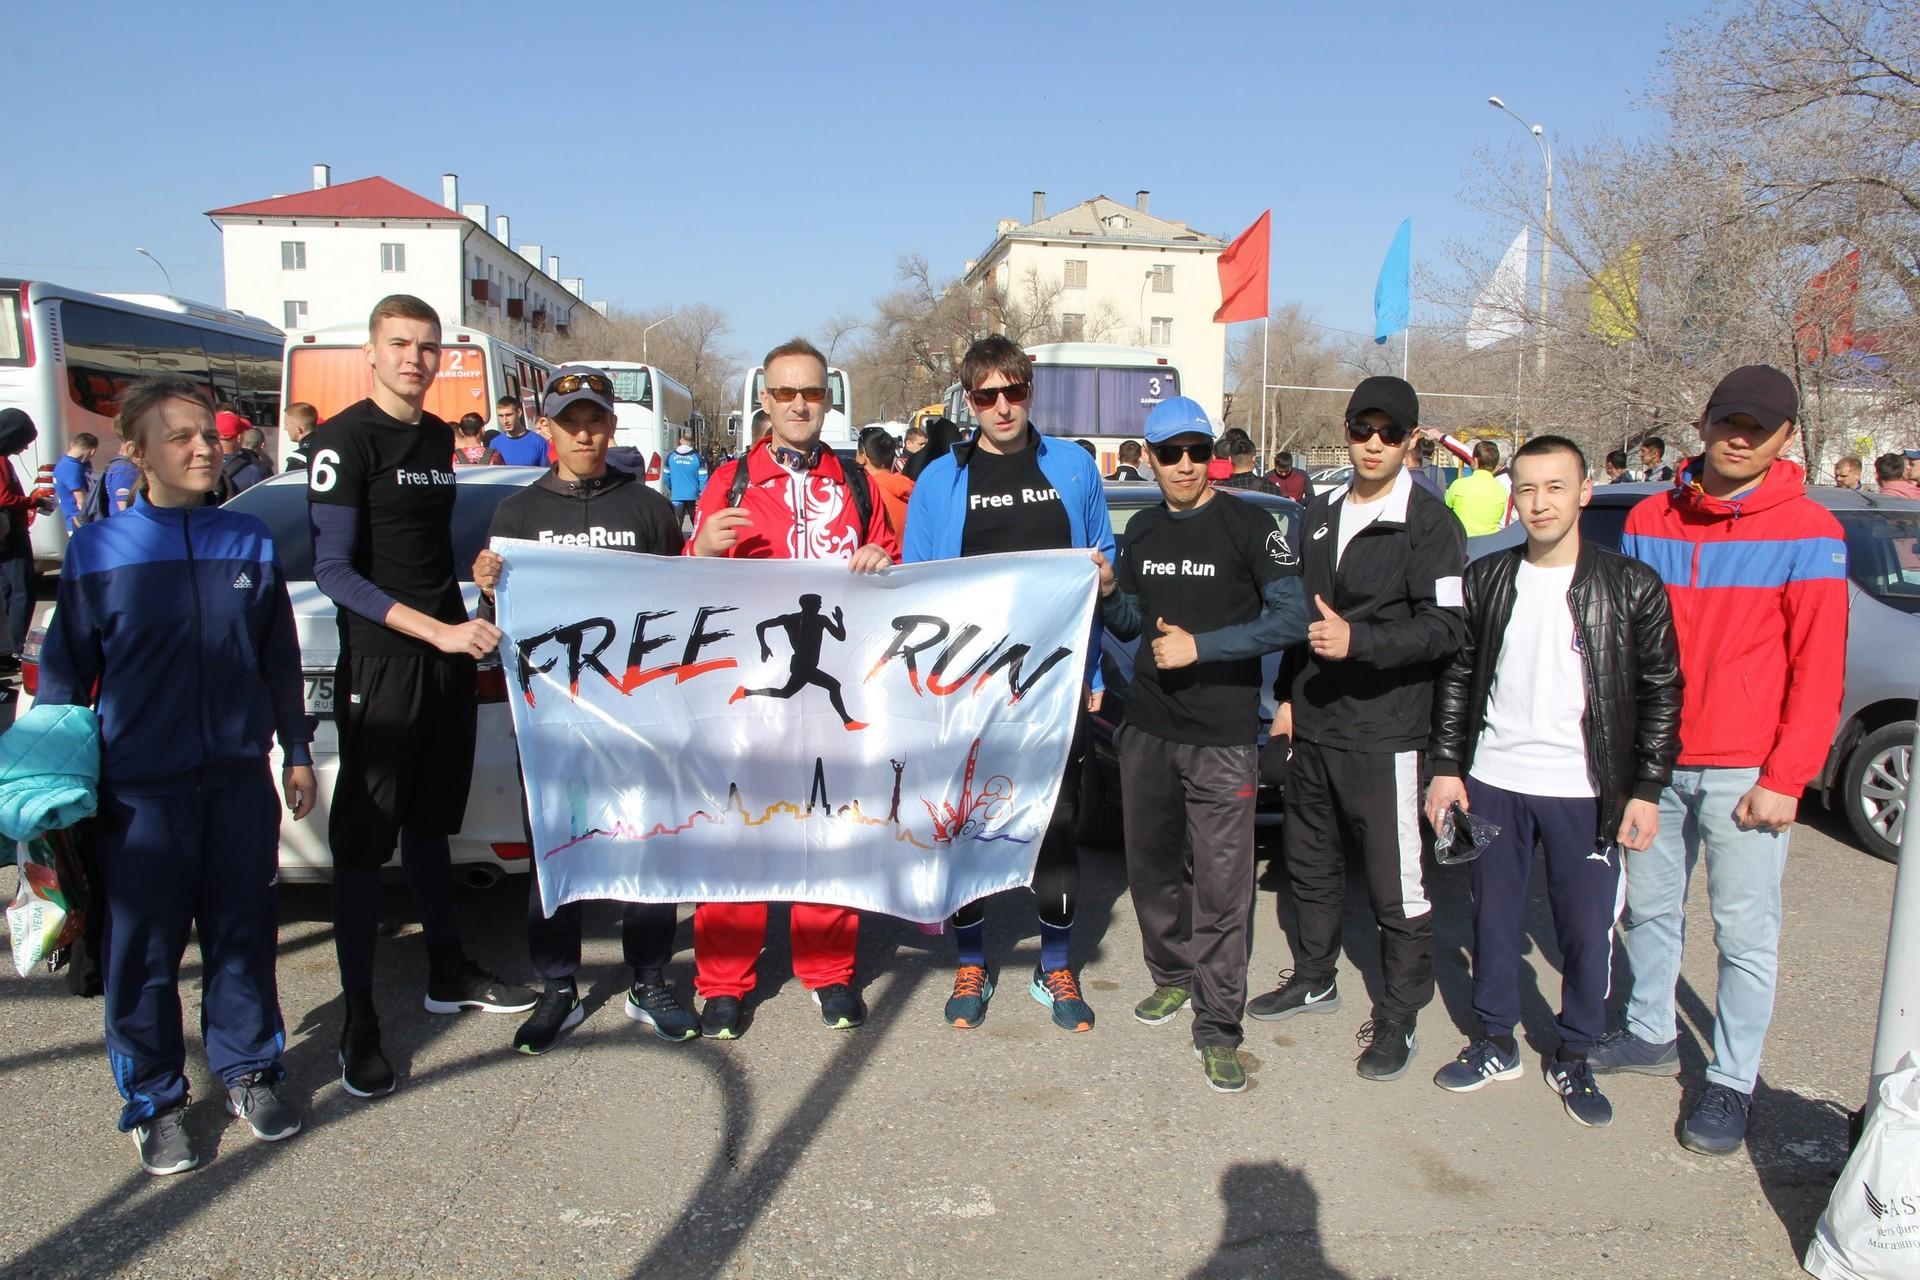 В Байконуре состоялся «Гагаринский марафон», посвященный 60-летию полёта в космос Юрия Гагарина